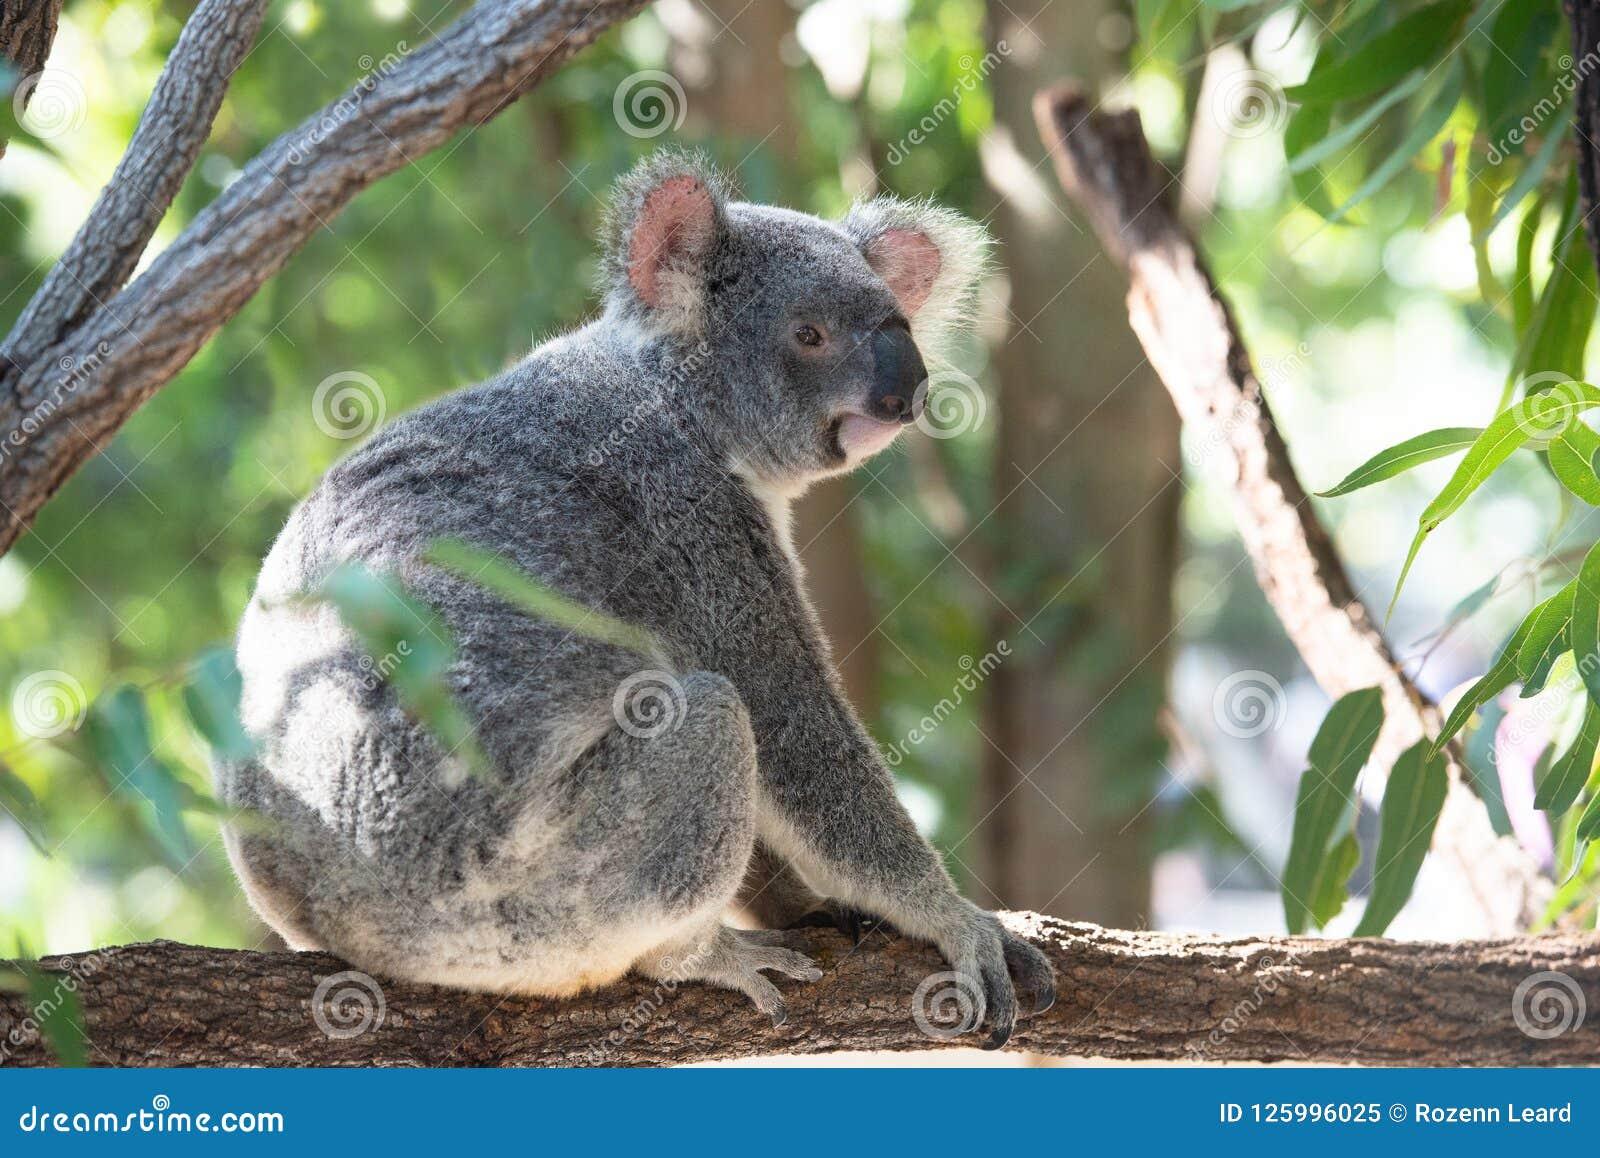 Cute koala on a branch